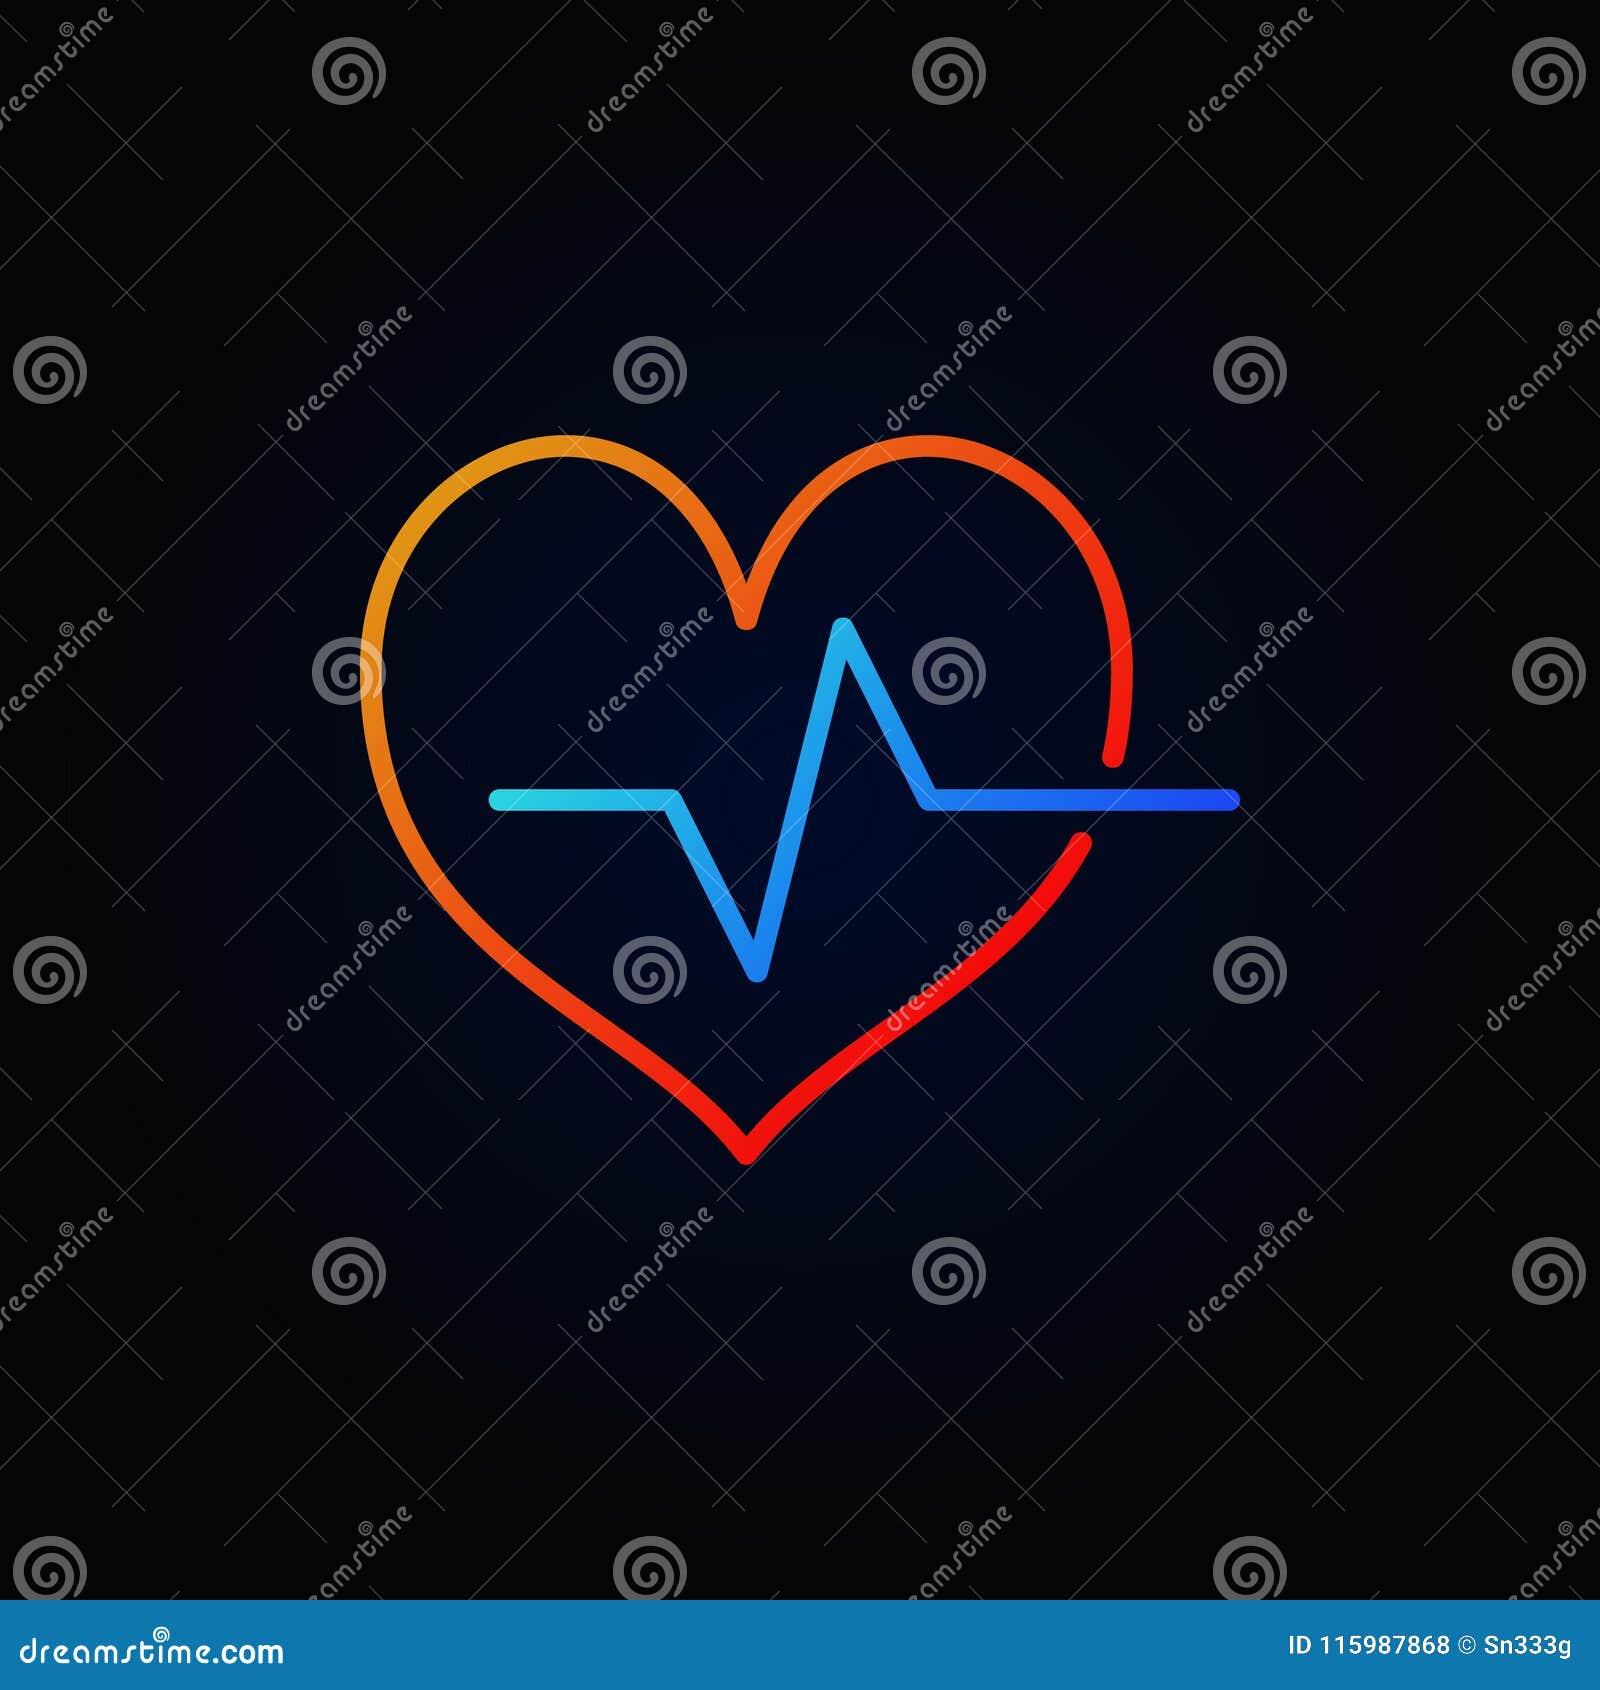 Ο καρδιακός κύκλος χρωμάτισε το εικονίδιο περιλήψεων Διανυσματικό φωτεινό σημάδι κτύπου της καρδιάς